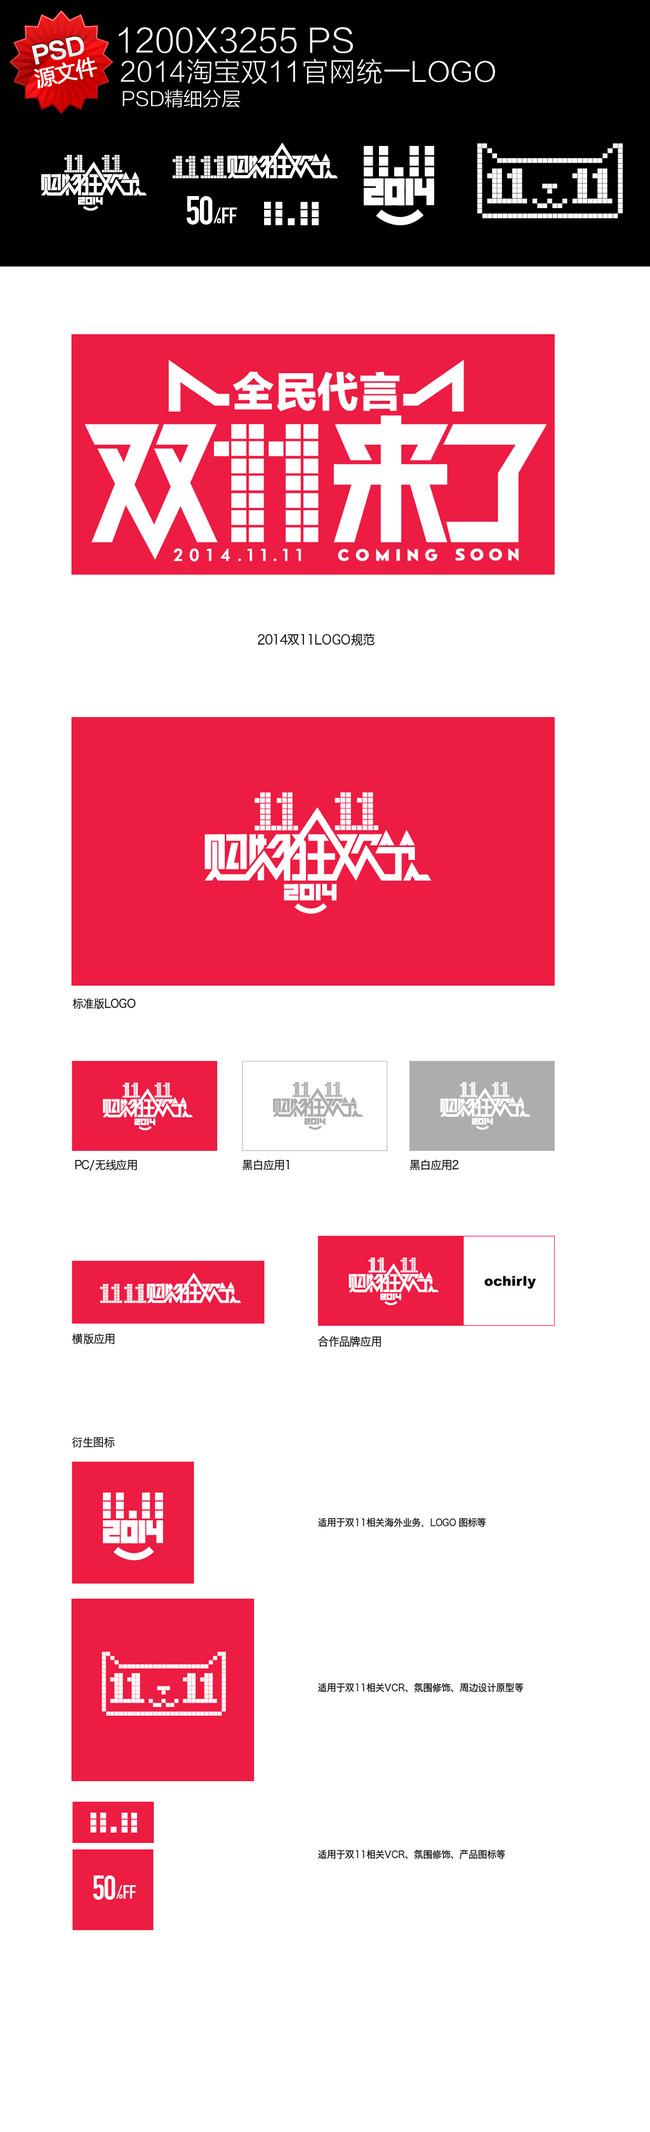 淘宝天猫2014双11官方logo模板